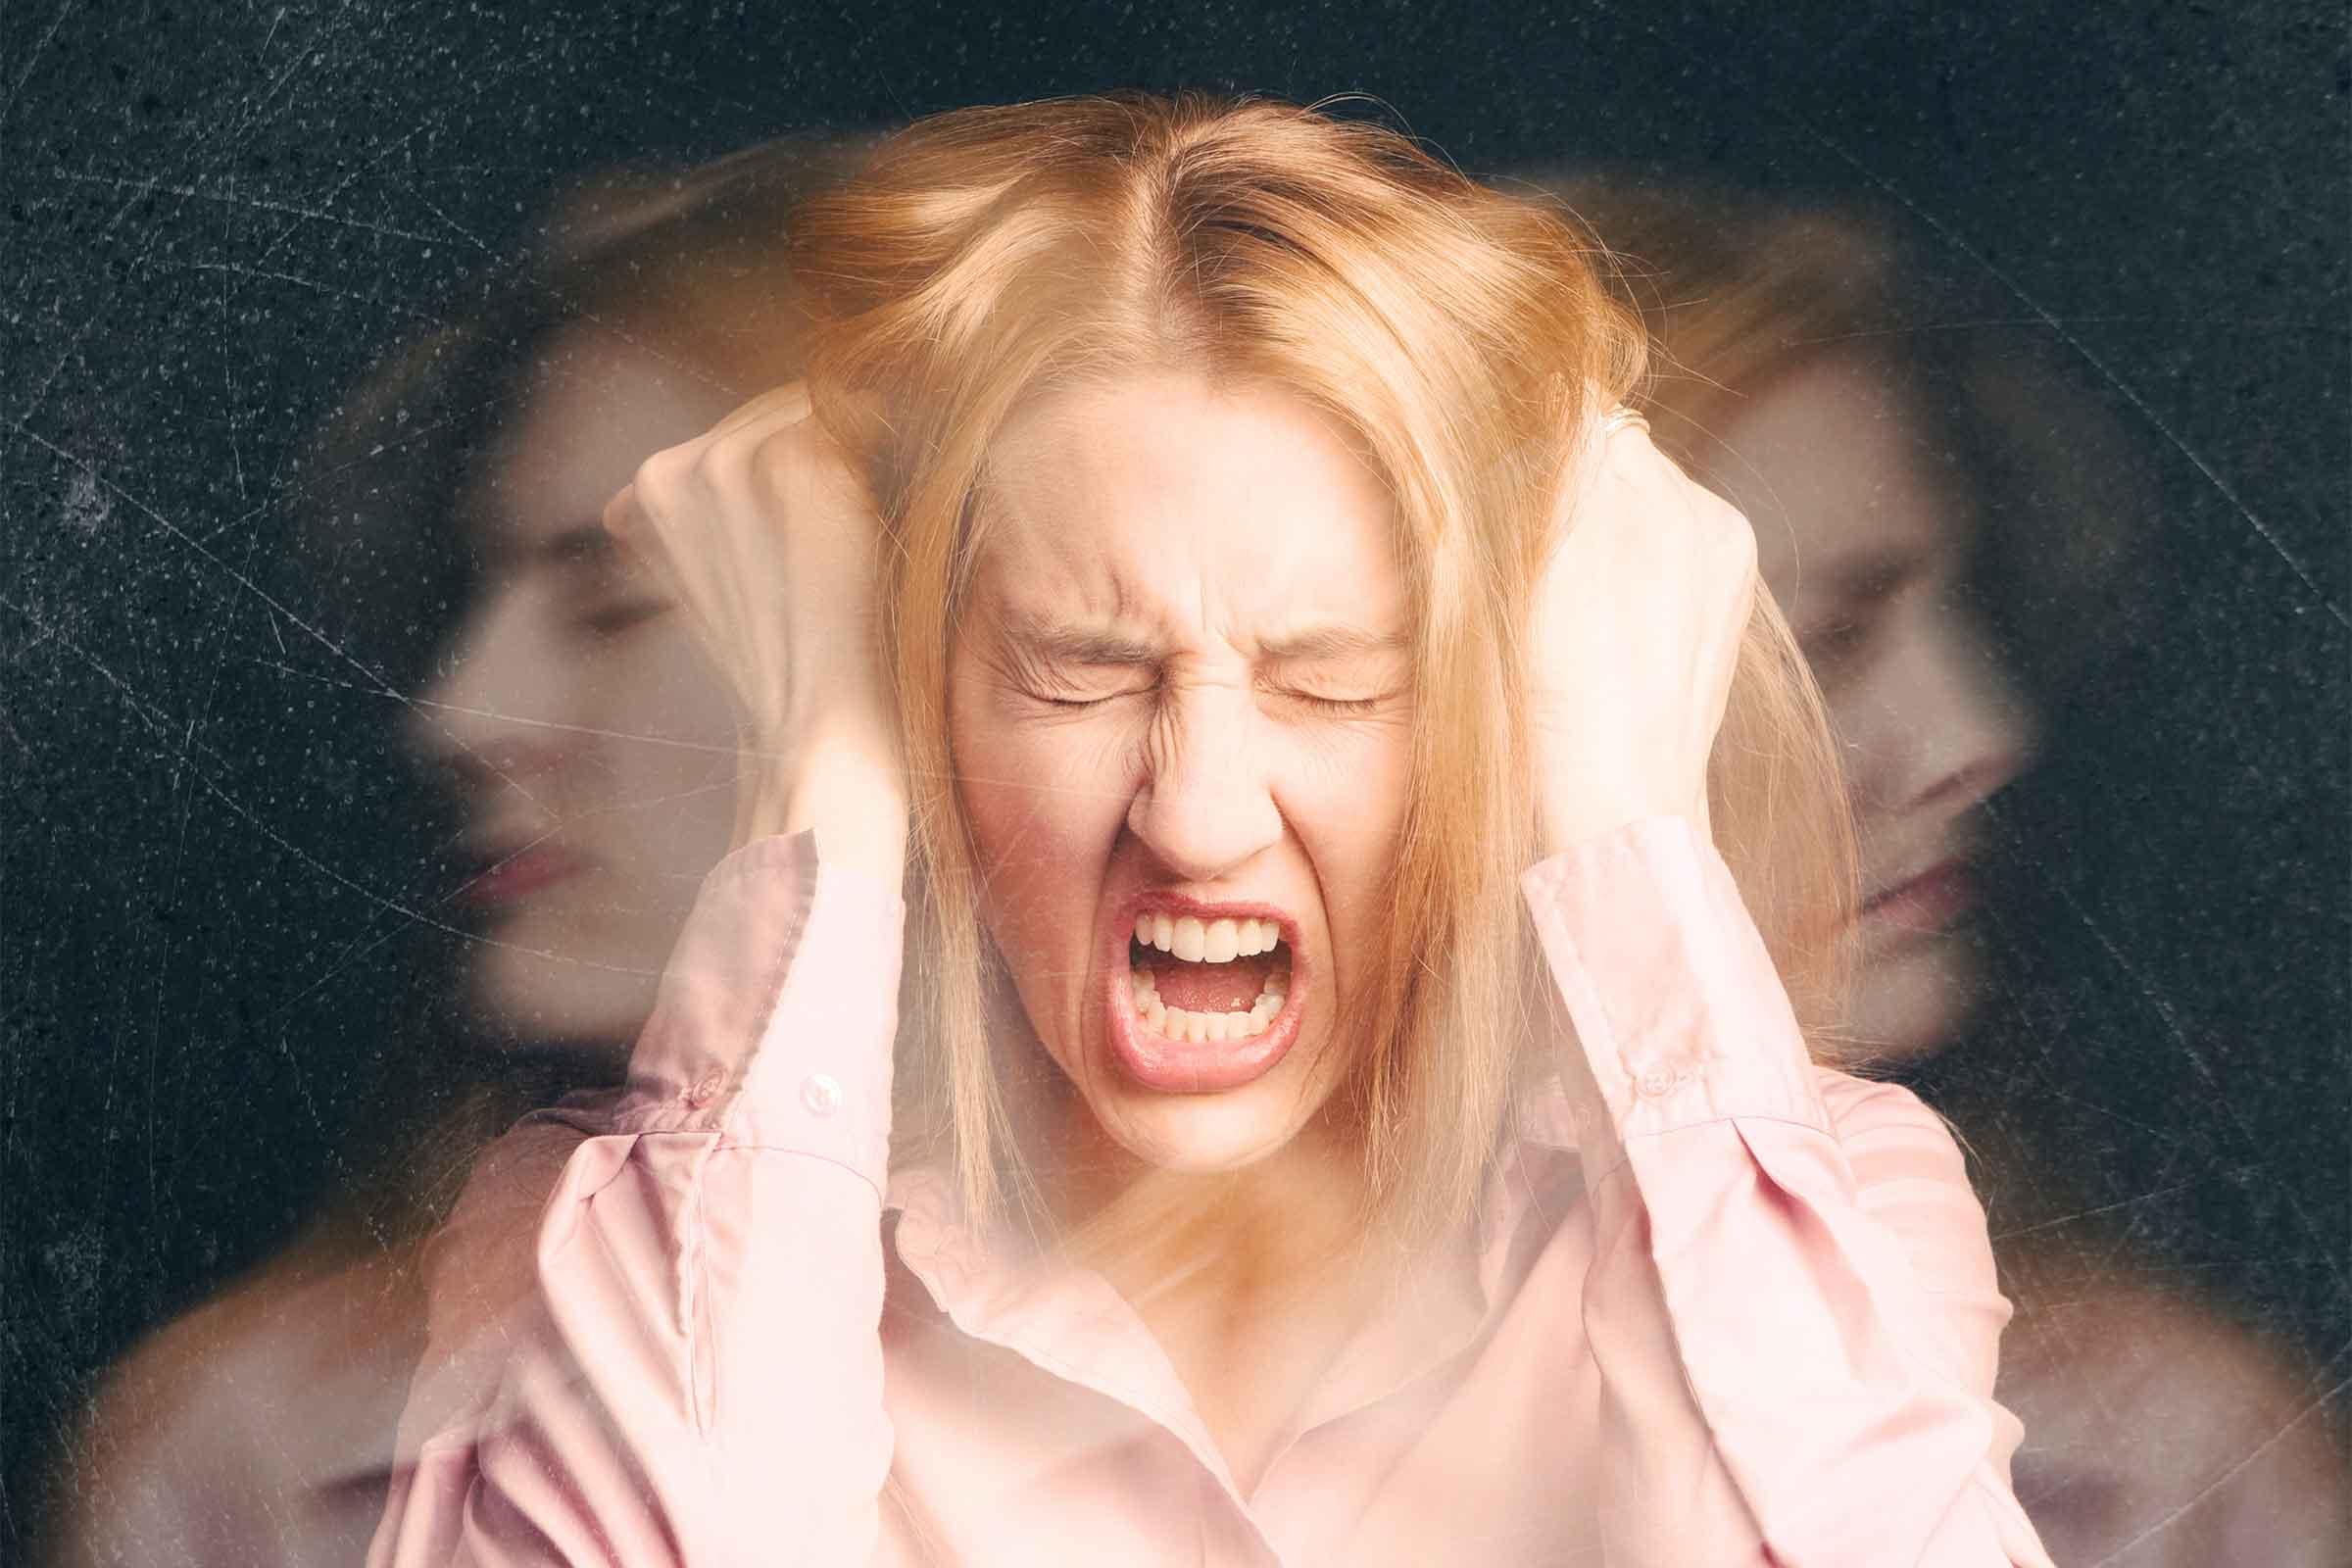 Лечение острого психоза проводится в условиях диспансера и только под наблюдением лицензированного психиатра